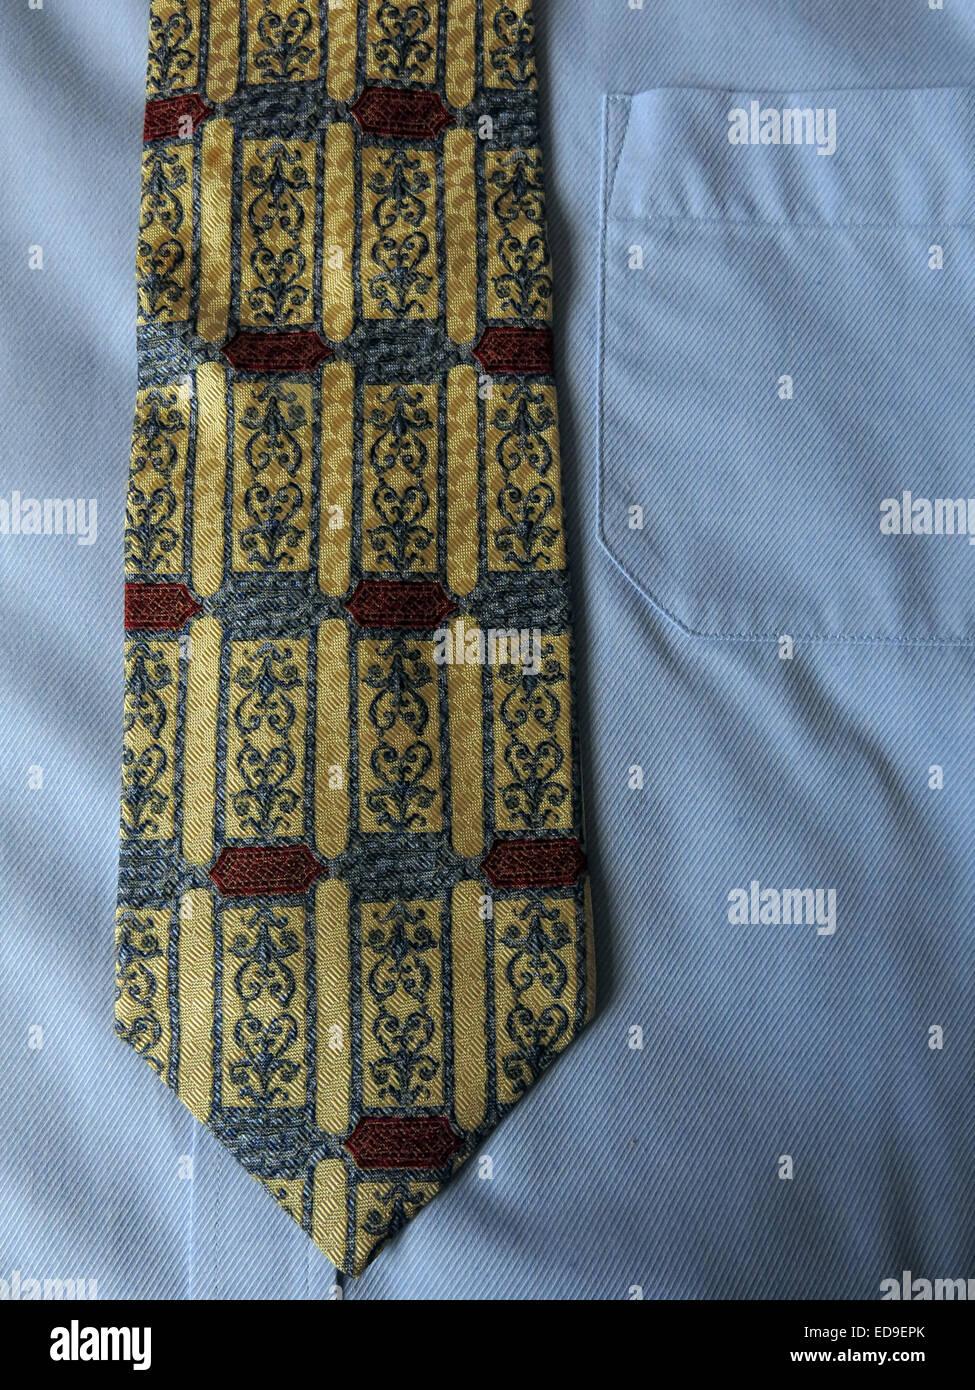 Laden Sie dieses Alamy Stockfoto Interessante Vintage Tierack Royal Academy Stil, männliche Antik in Seide - ED9EPK